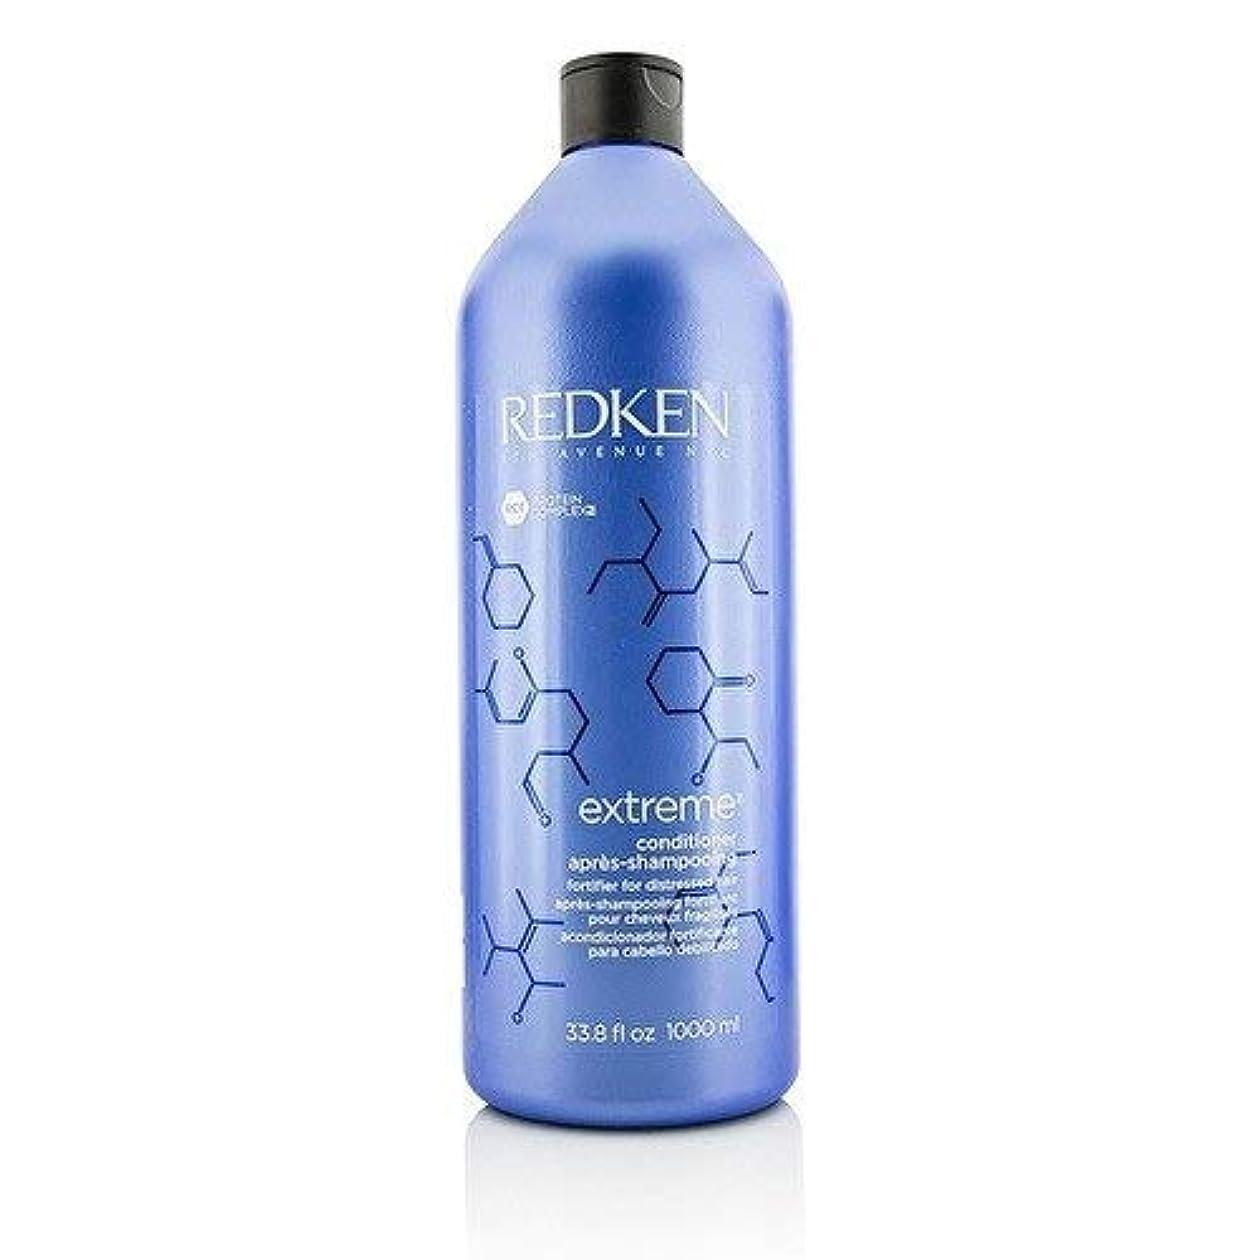 上院議員財団ハチレッドケン Extreme Conditioner - For Distressed Hair (New Packaging) 1000ml/33.8oz並行輸入品